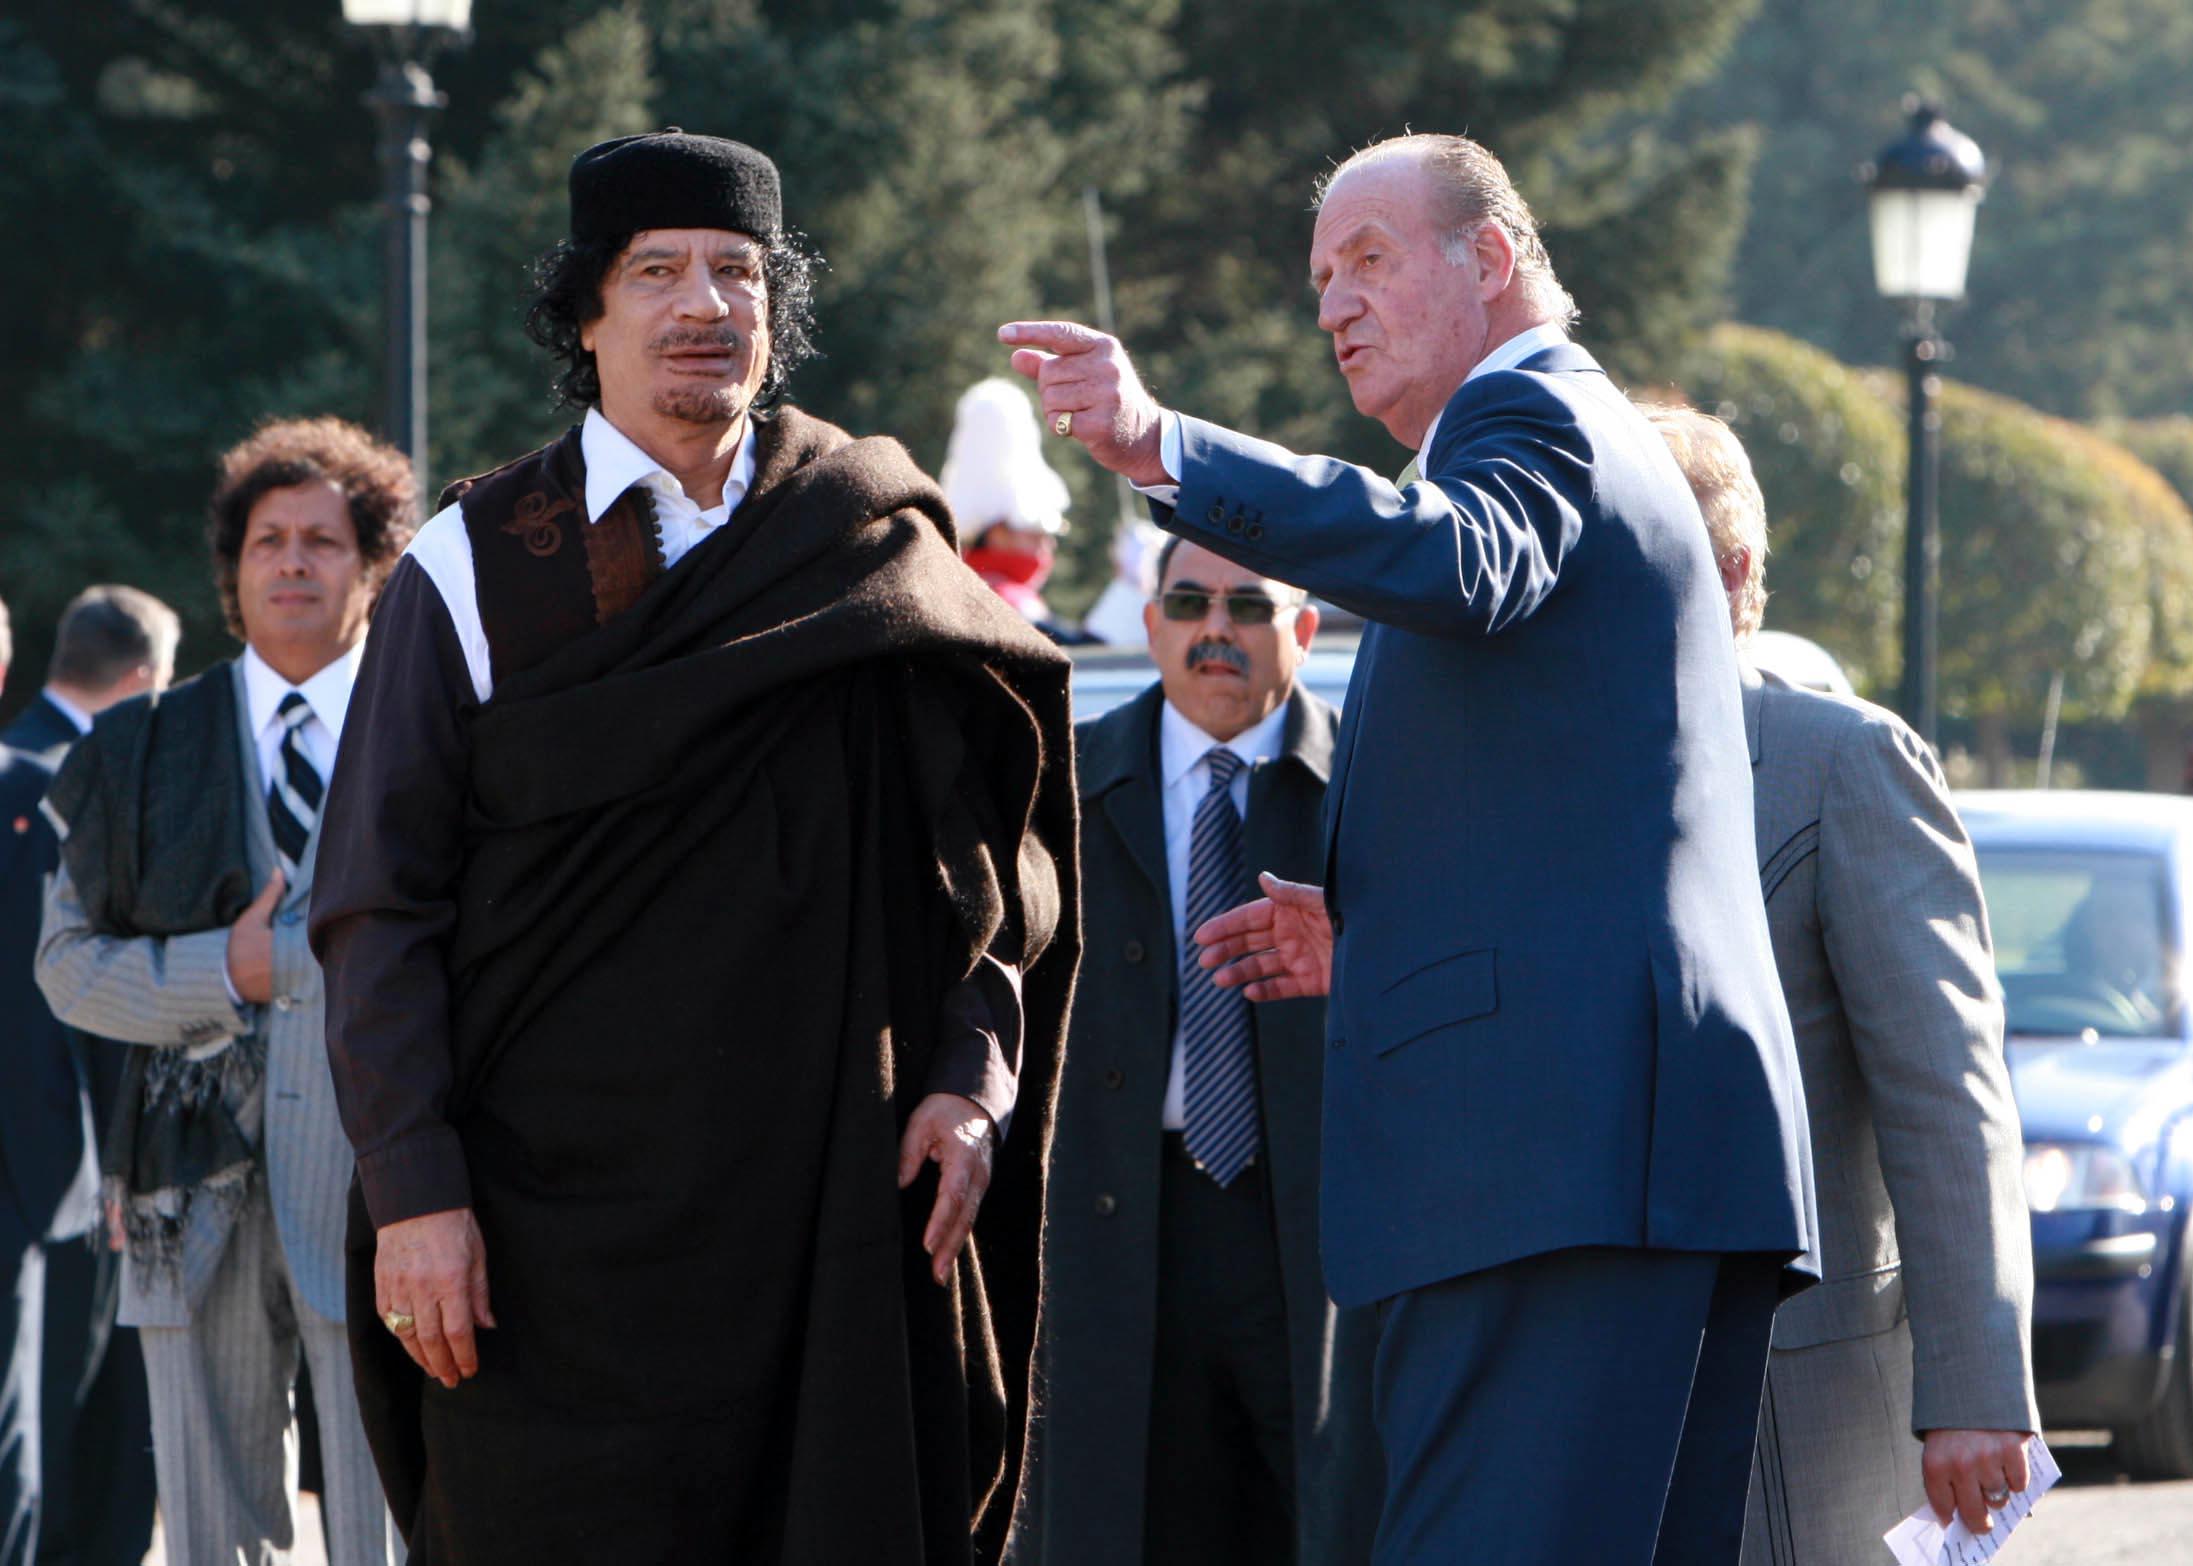 .سجل حضورك ... بصورة تعز عليك ... للبطل الشهيد القائد معمر القذافي - صفحة 32 A2